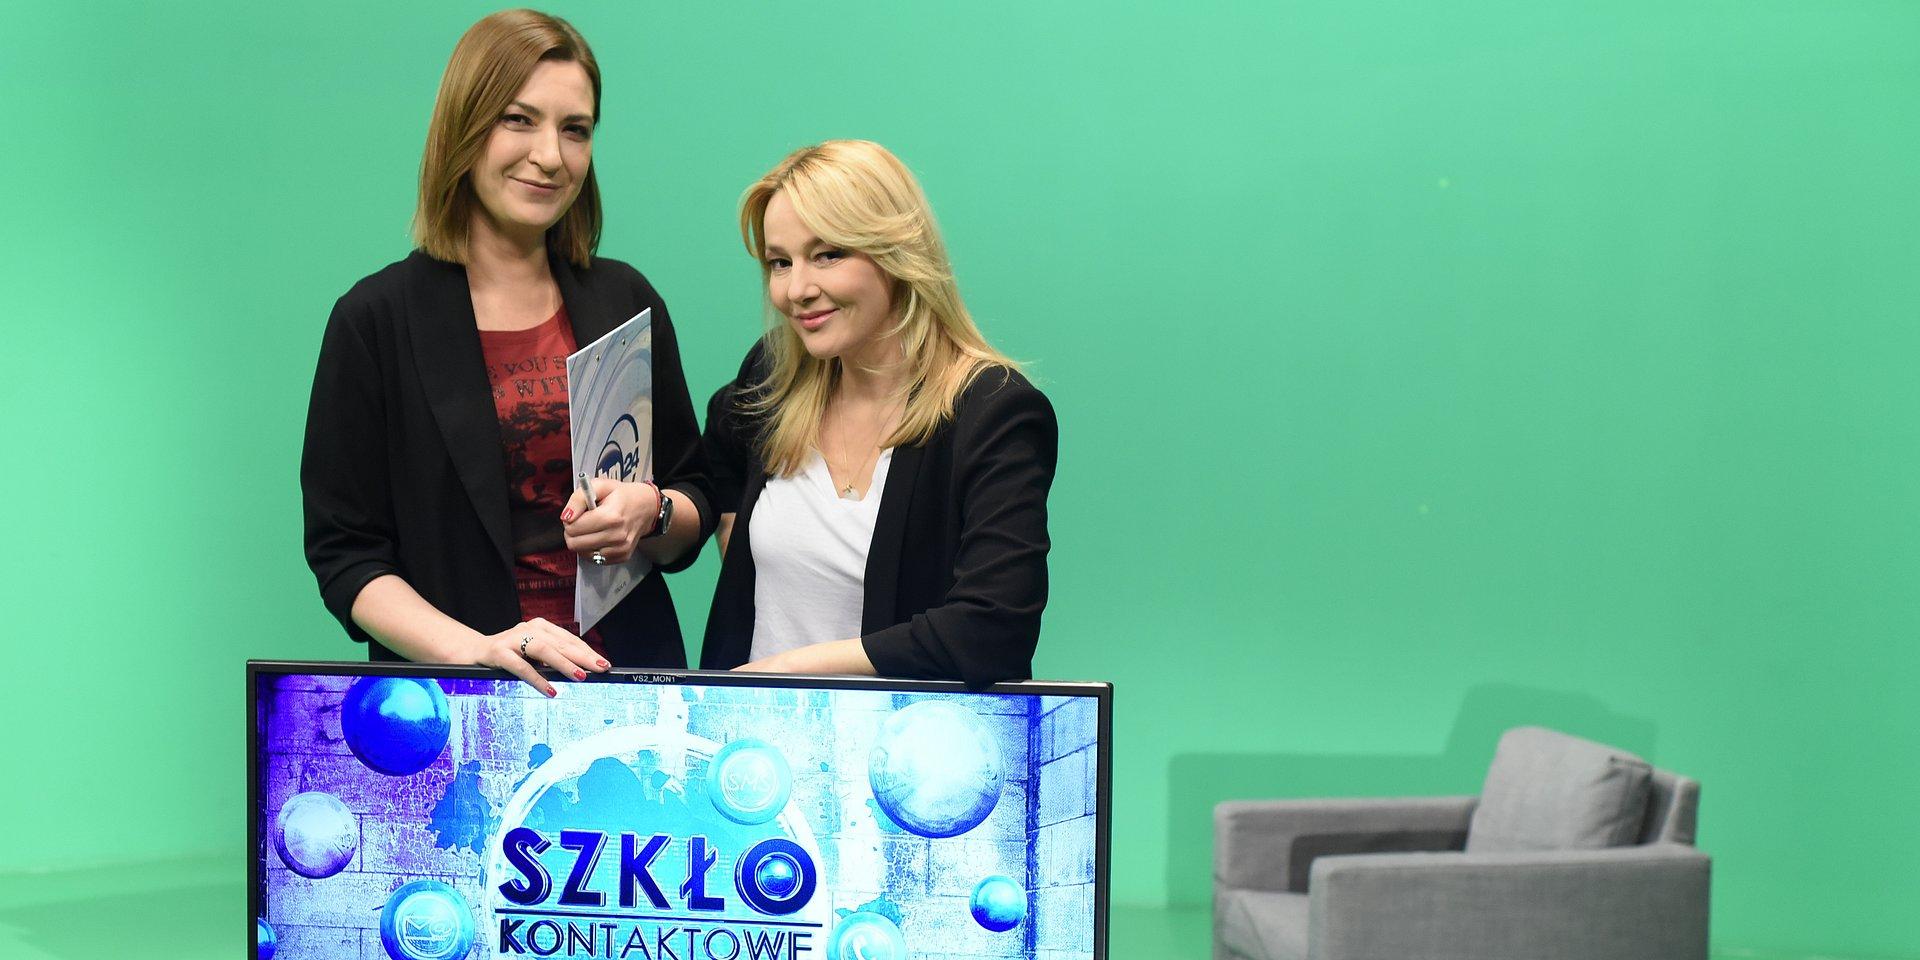 """Katarzyna Kwiatkowska i dr Katarzyna Kasia nowym duetem w """"Szkle kontaktowym"""""""